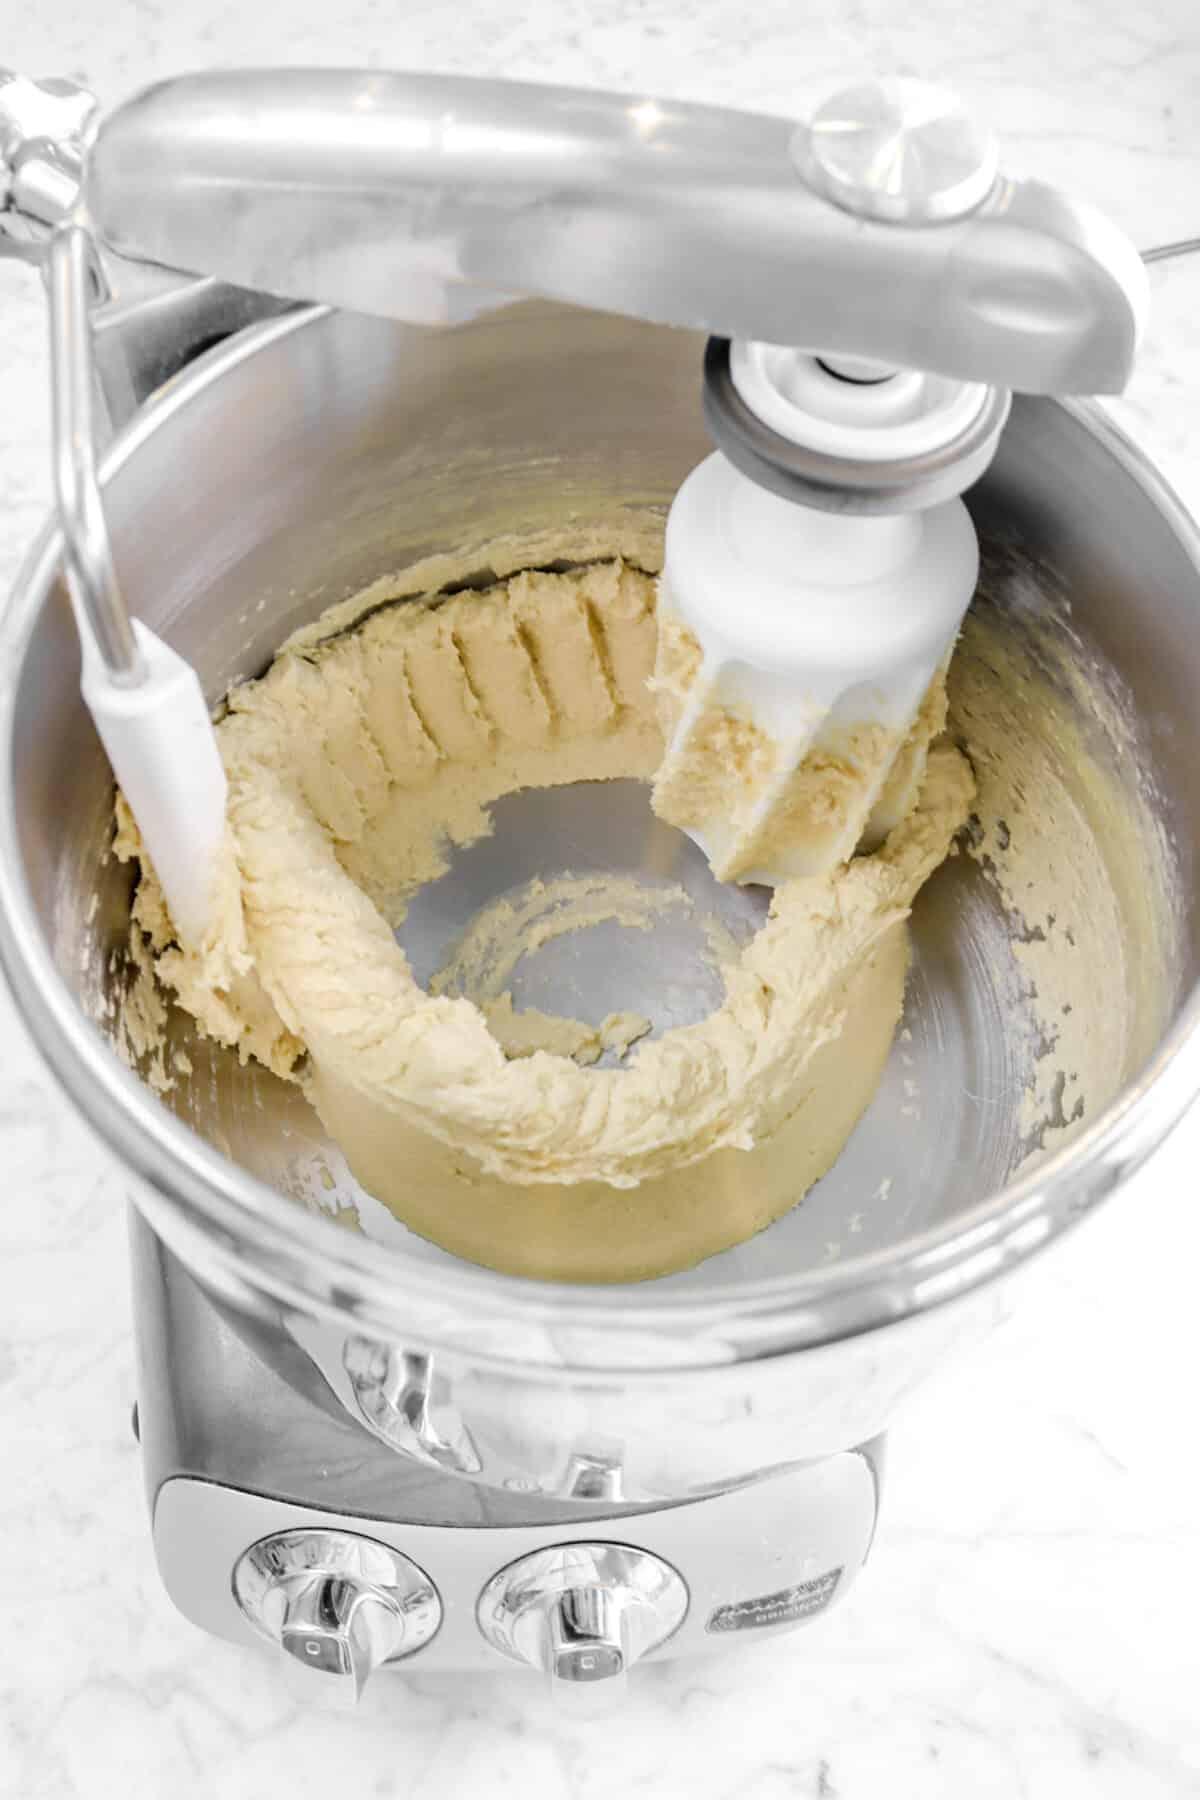 eggs beaten into butter mixture